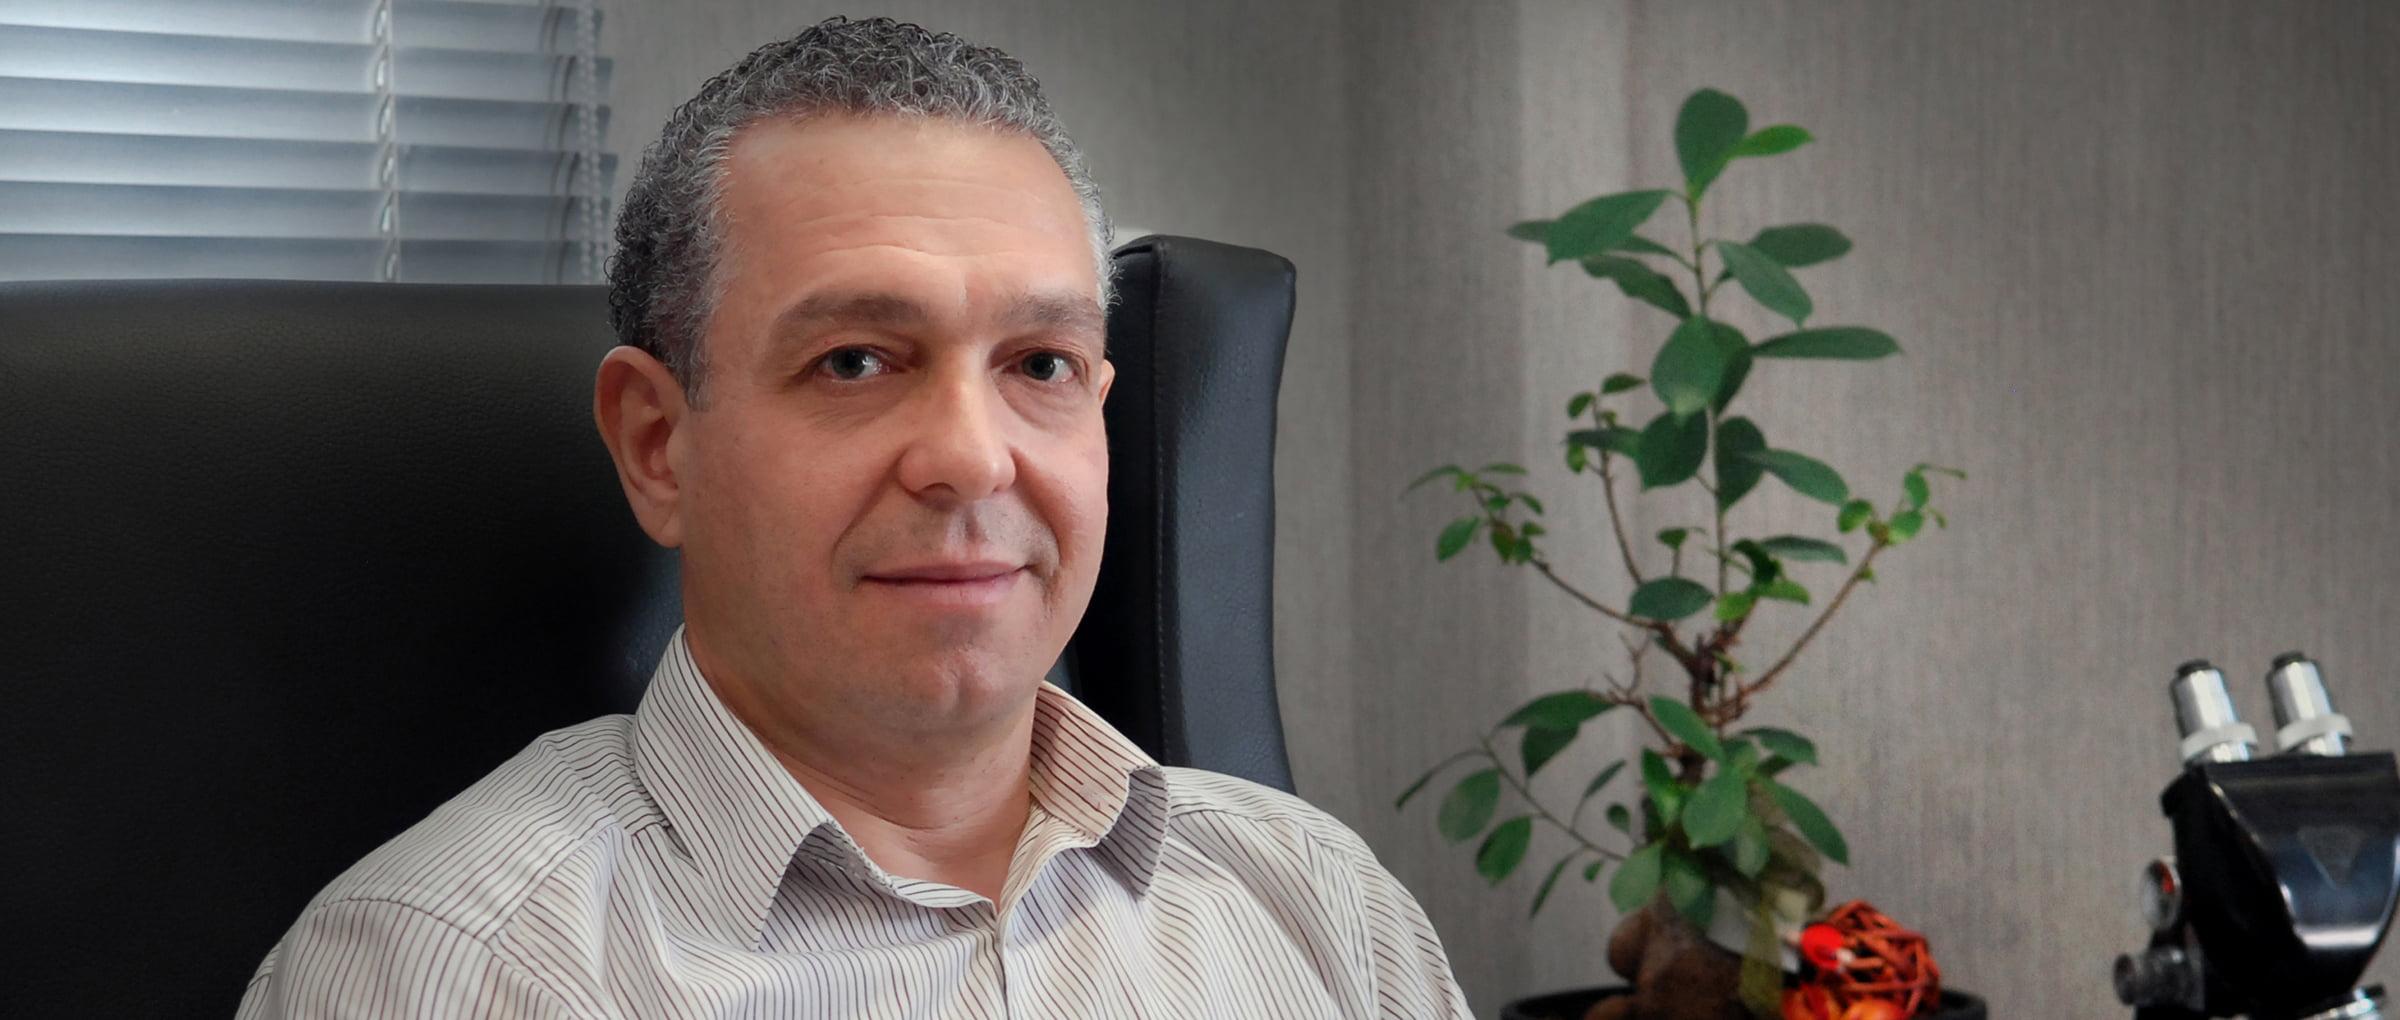 Dr Stelios Tsangarides